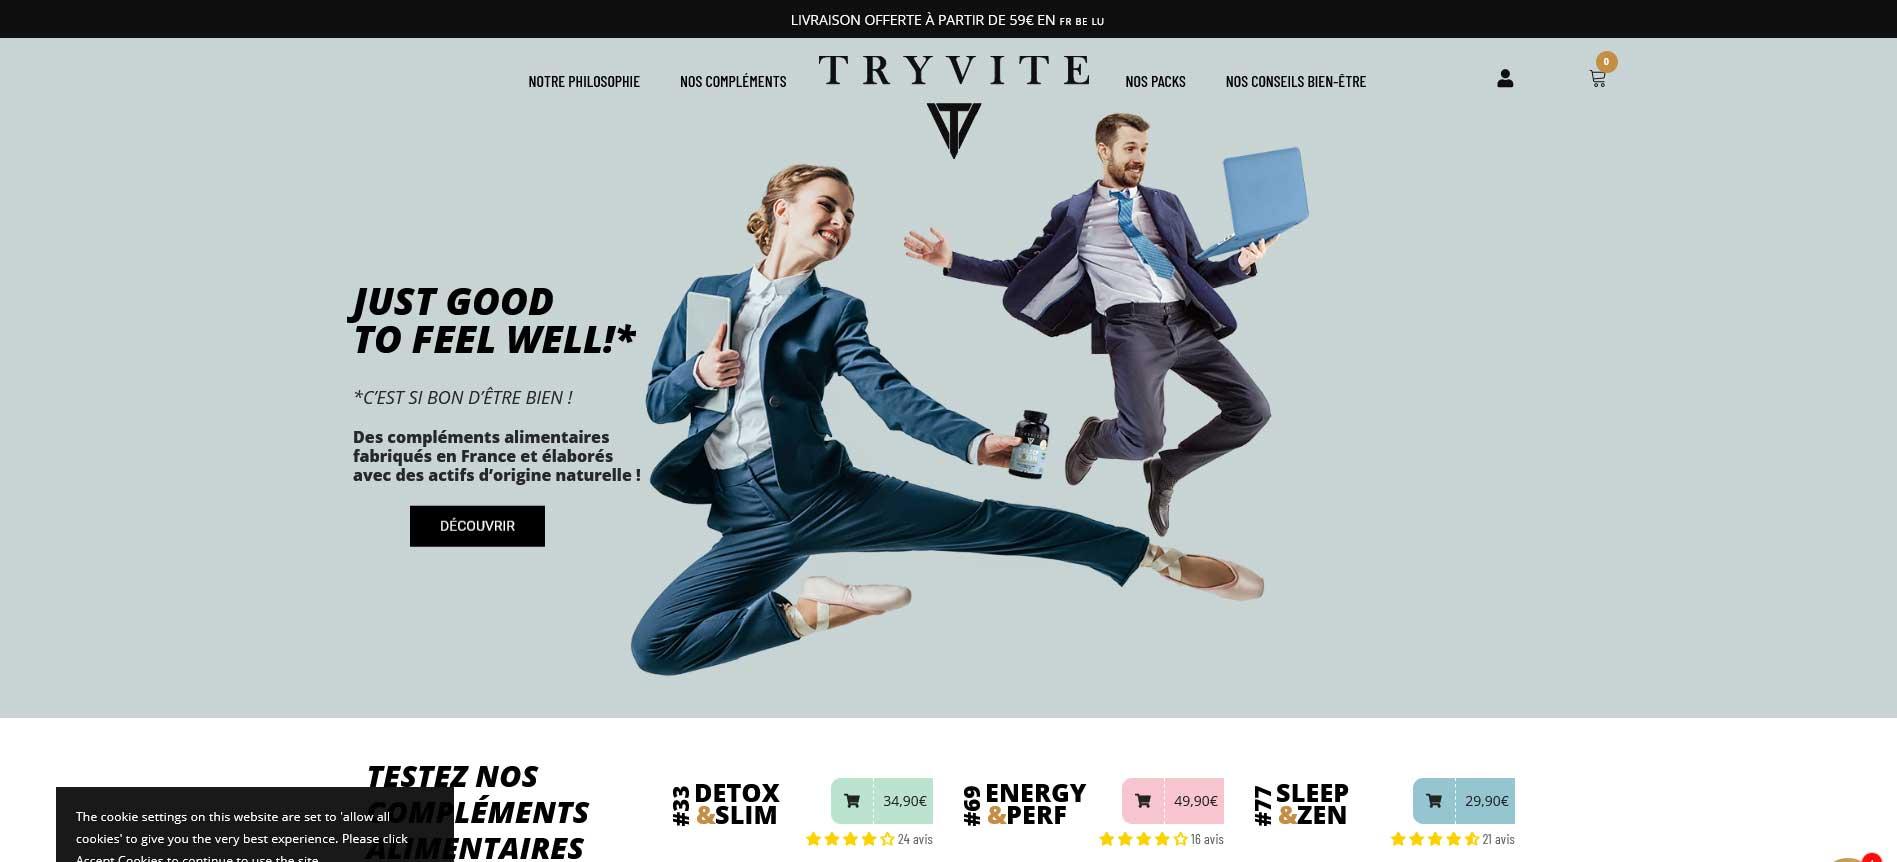 tryvite-new